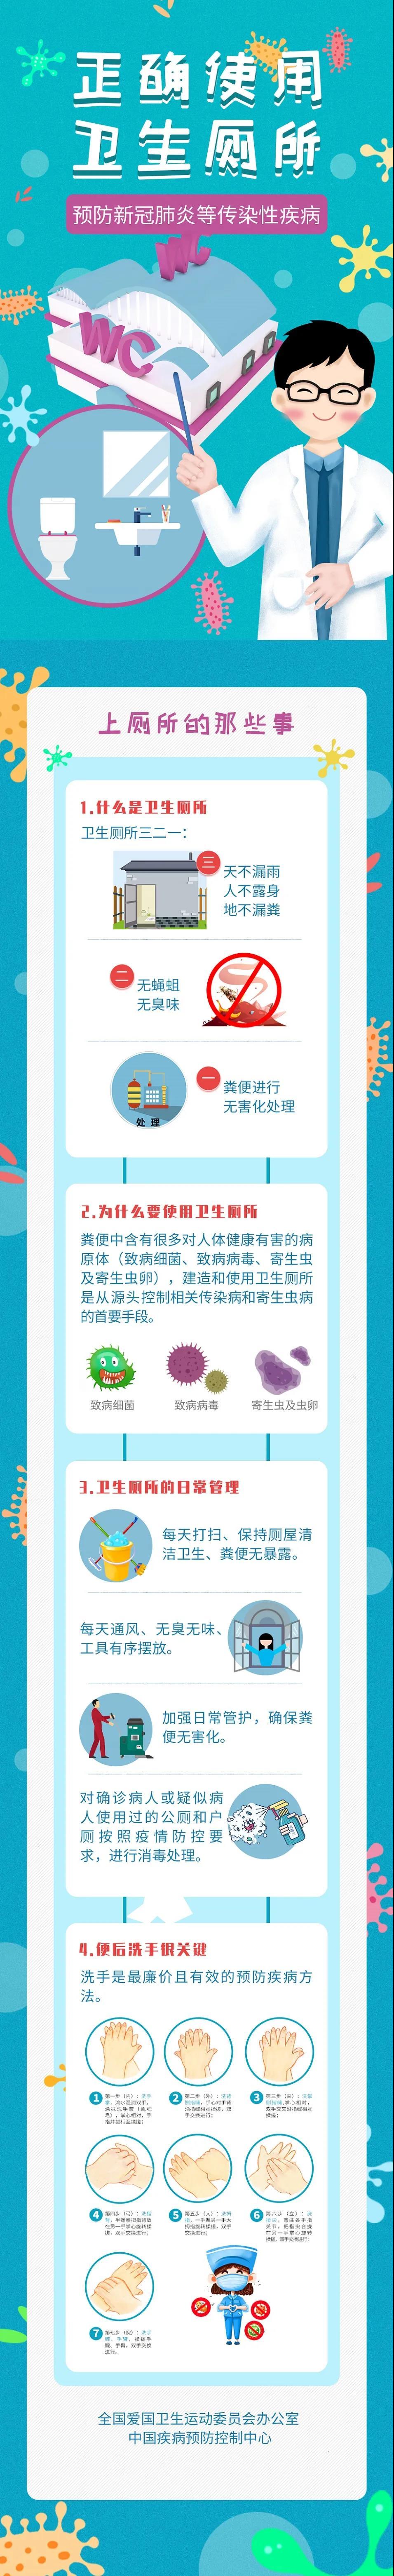 新型冠状病毒科普知识:卫生厕所,厕所卫生,和你说说上厕所的那些事